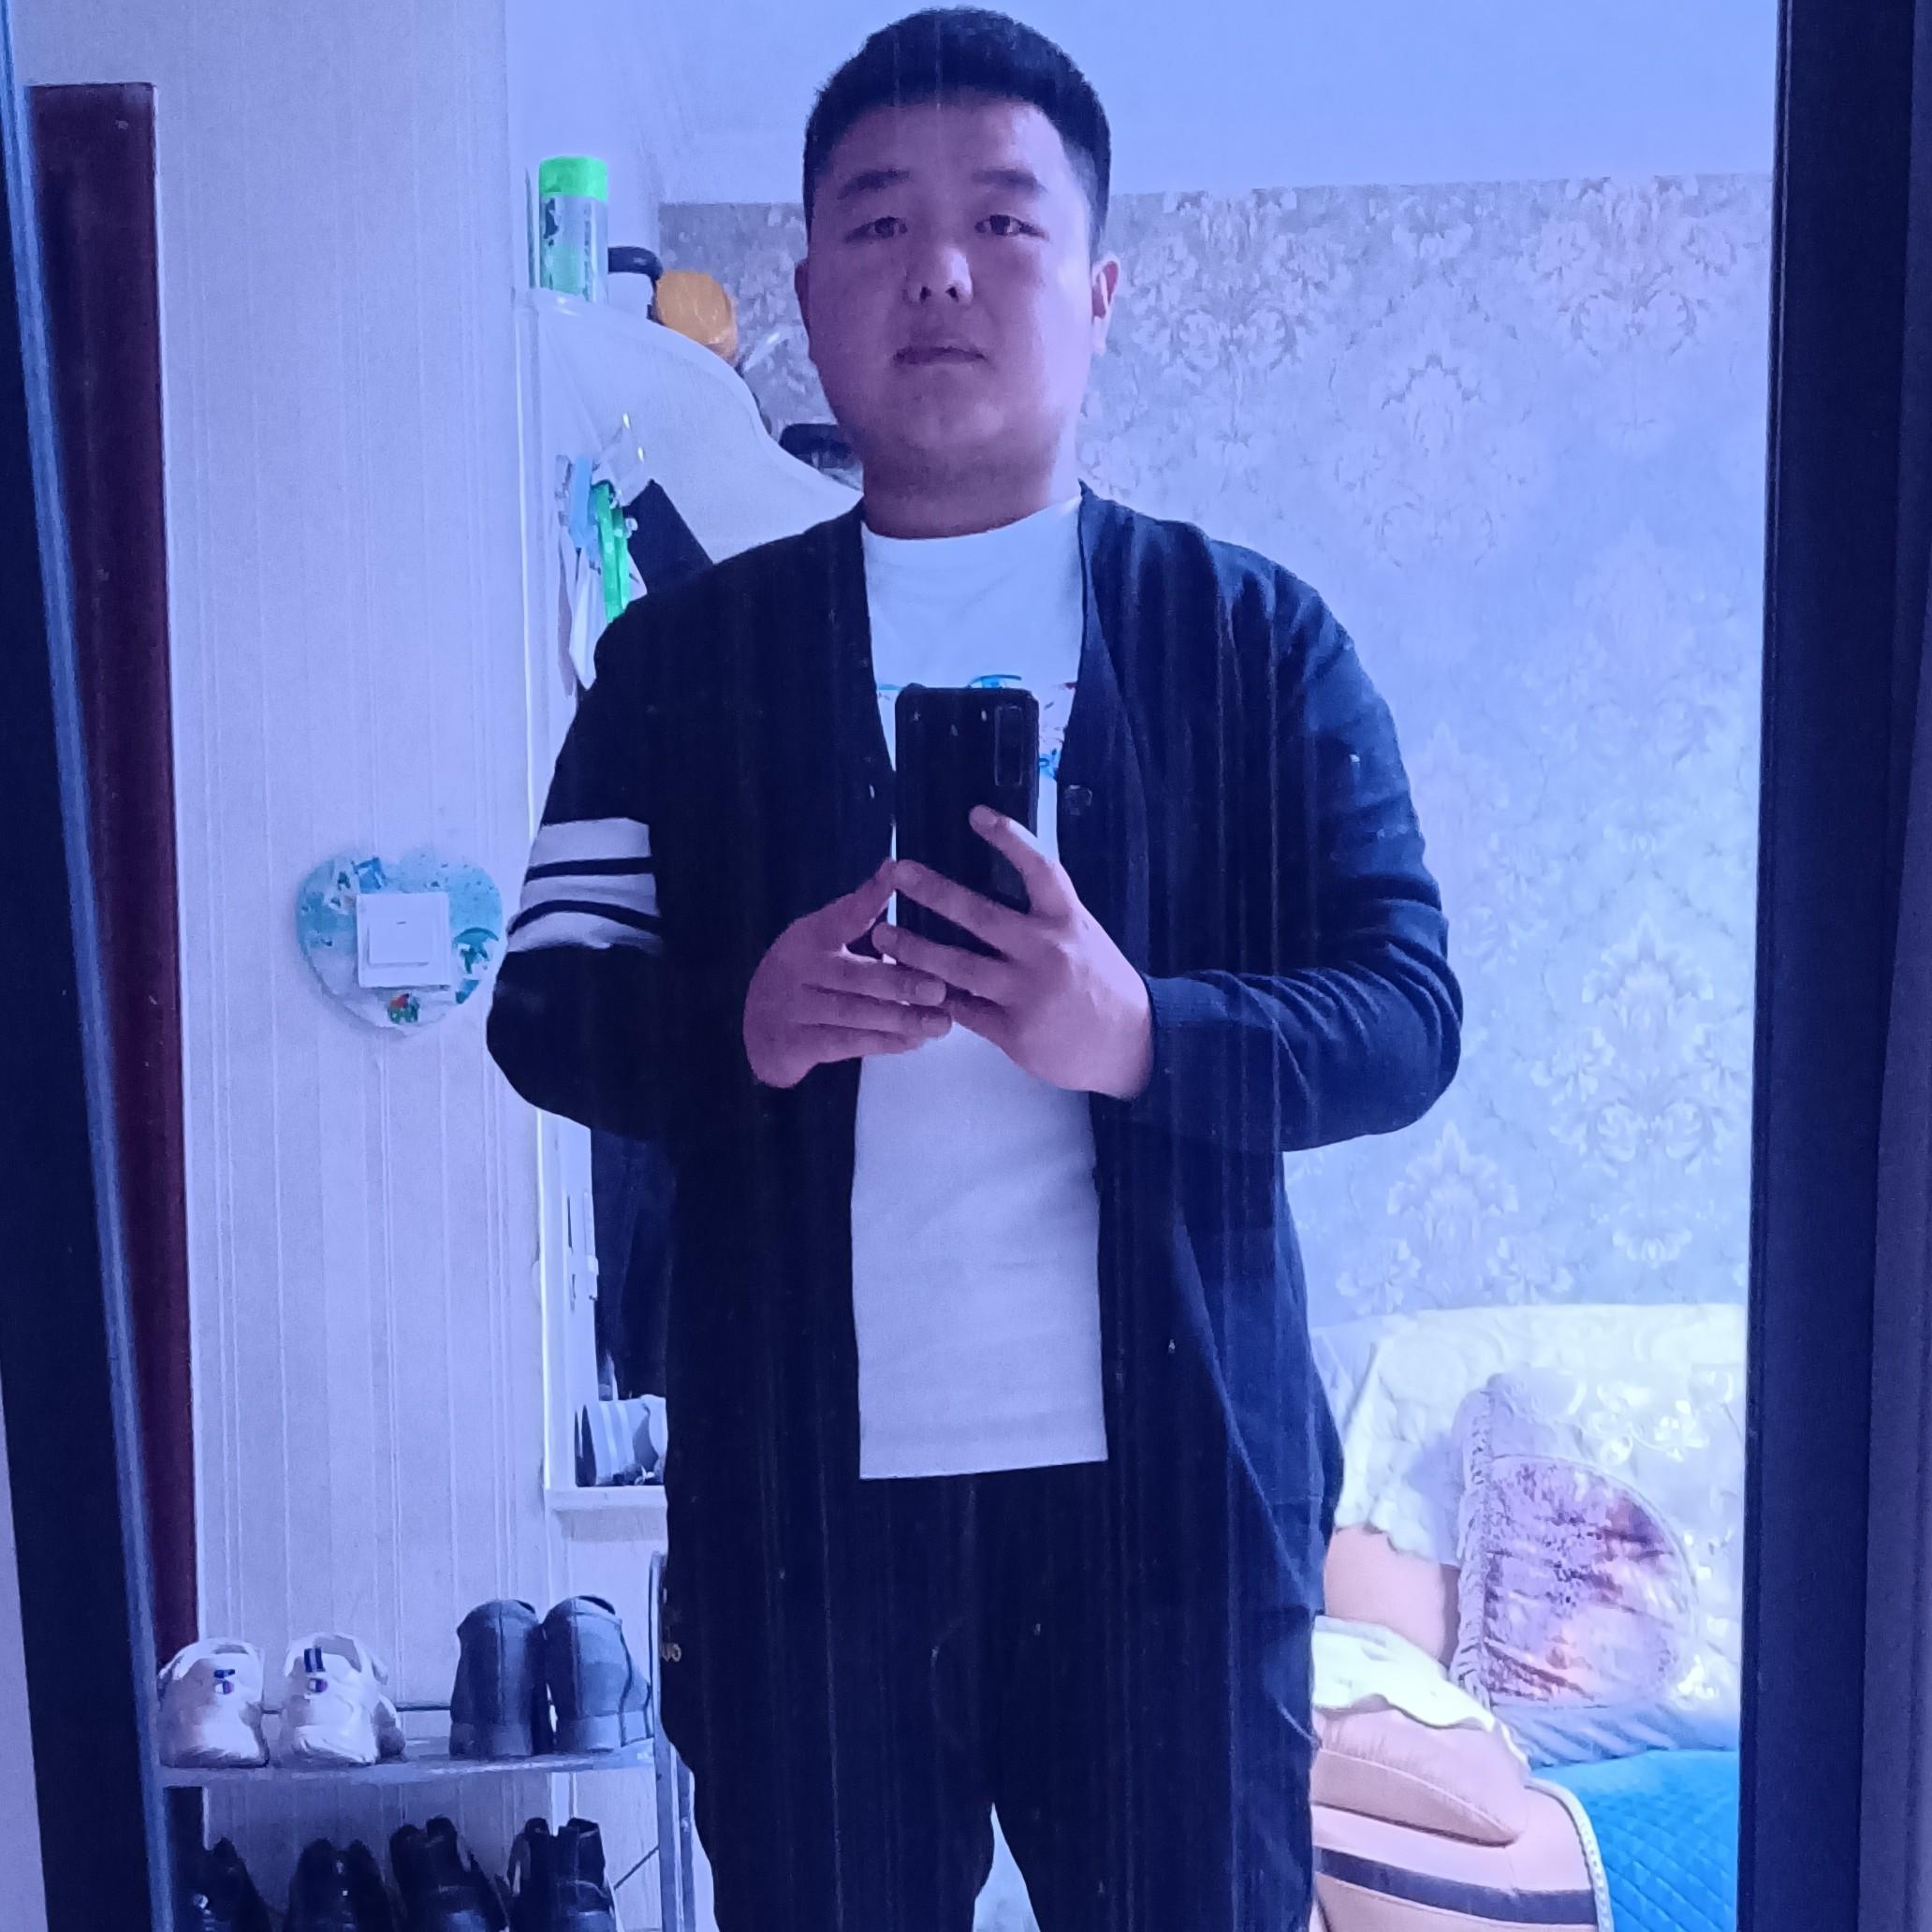 劉濤!的照片